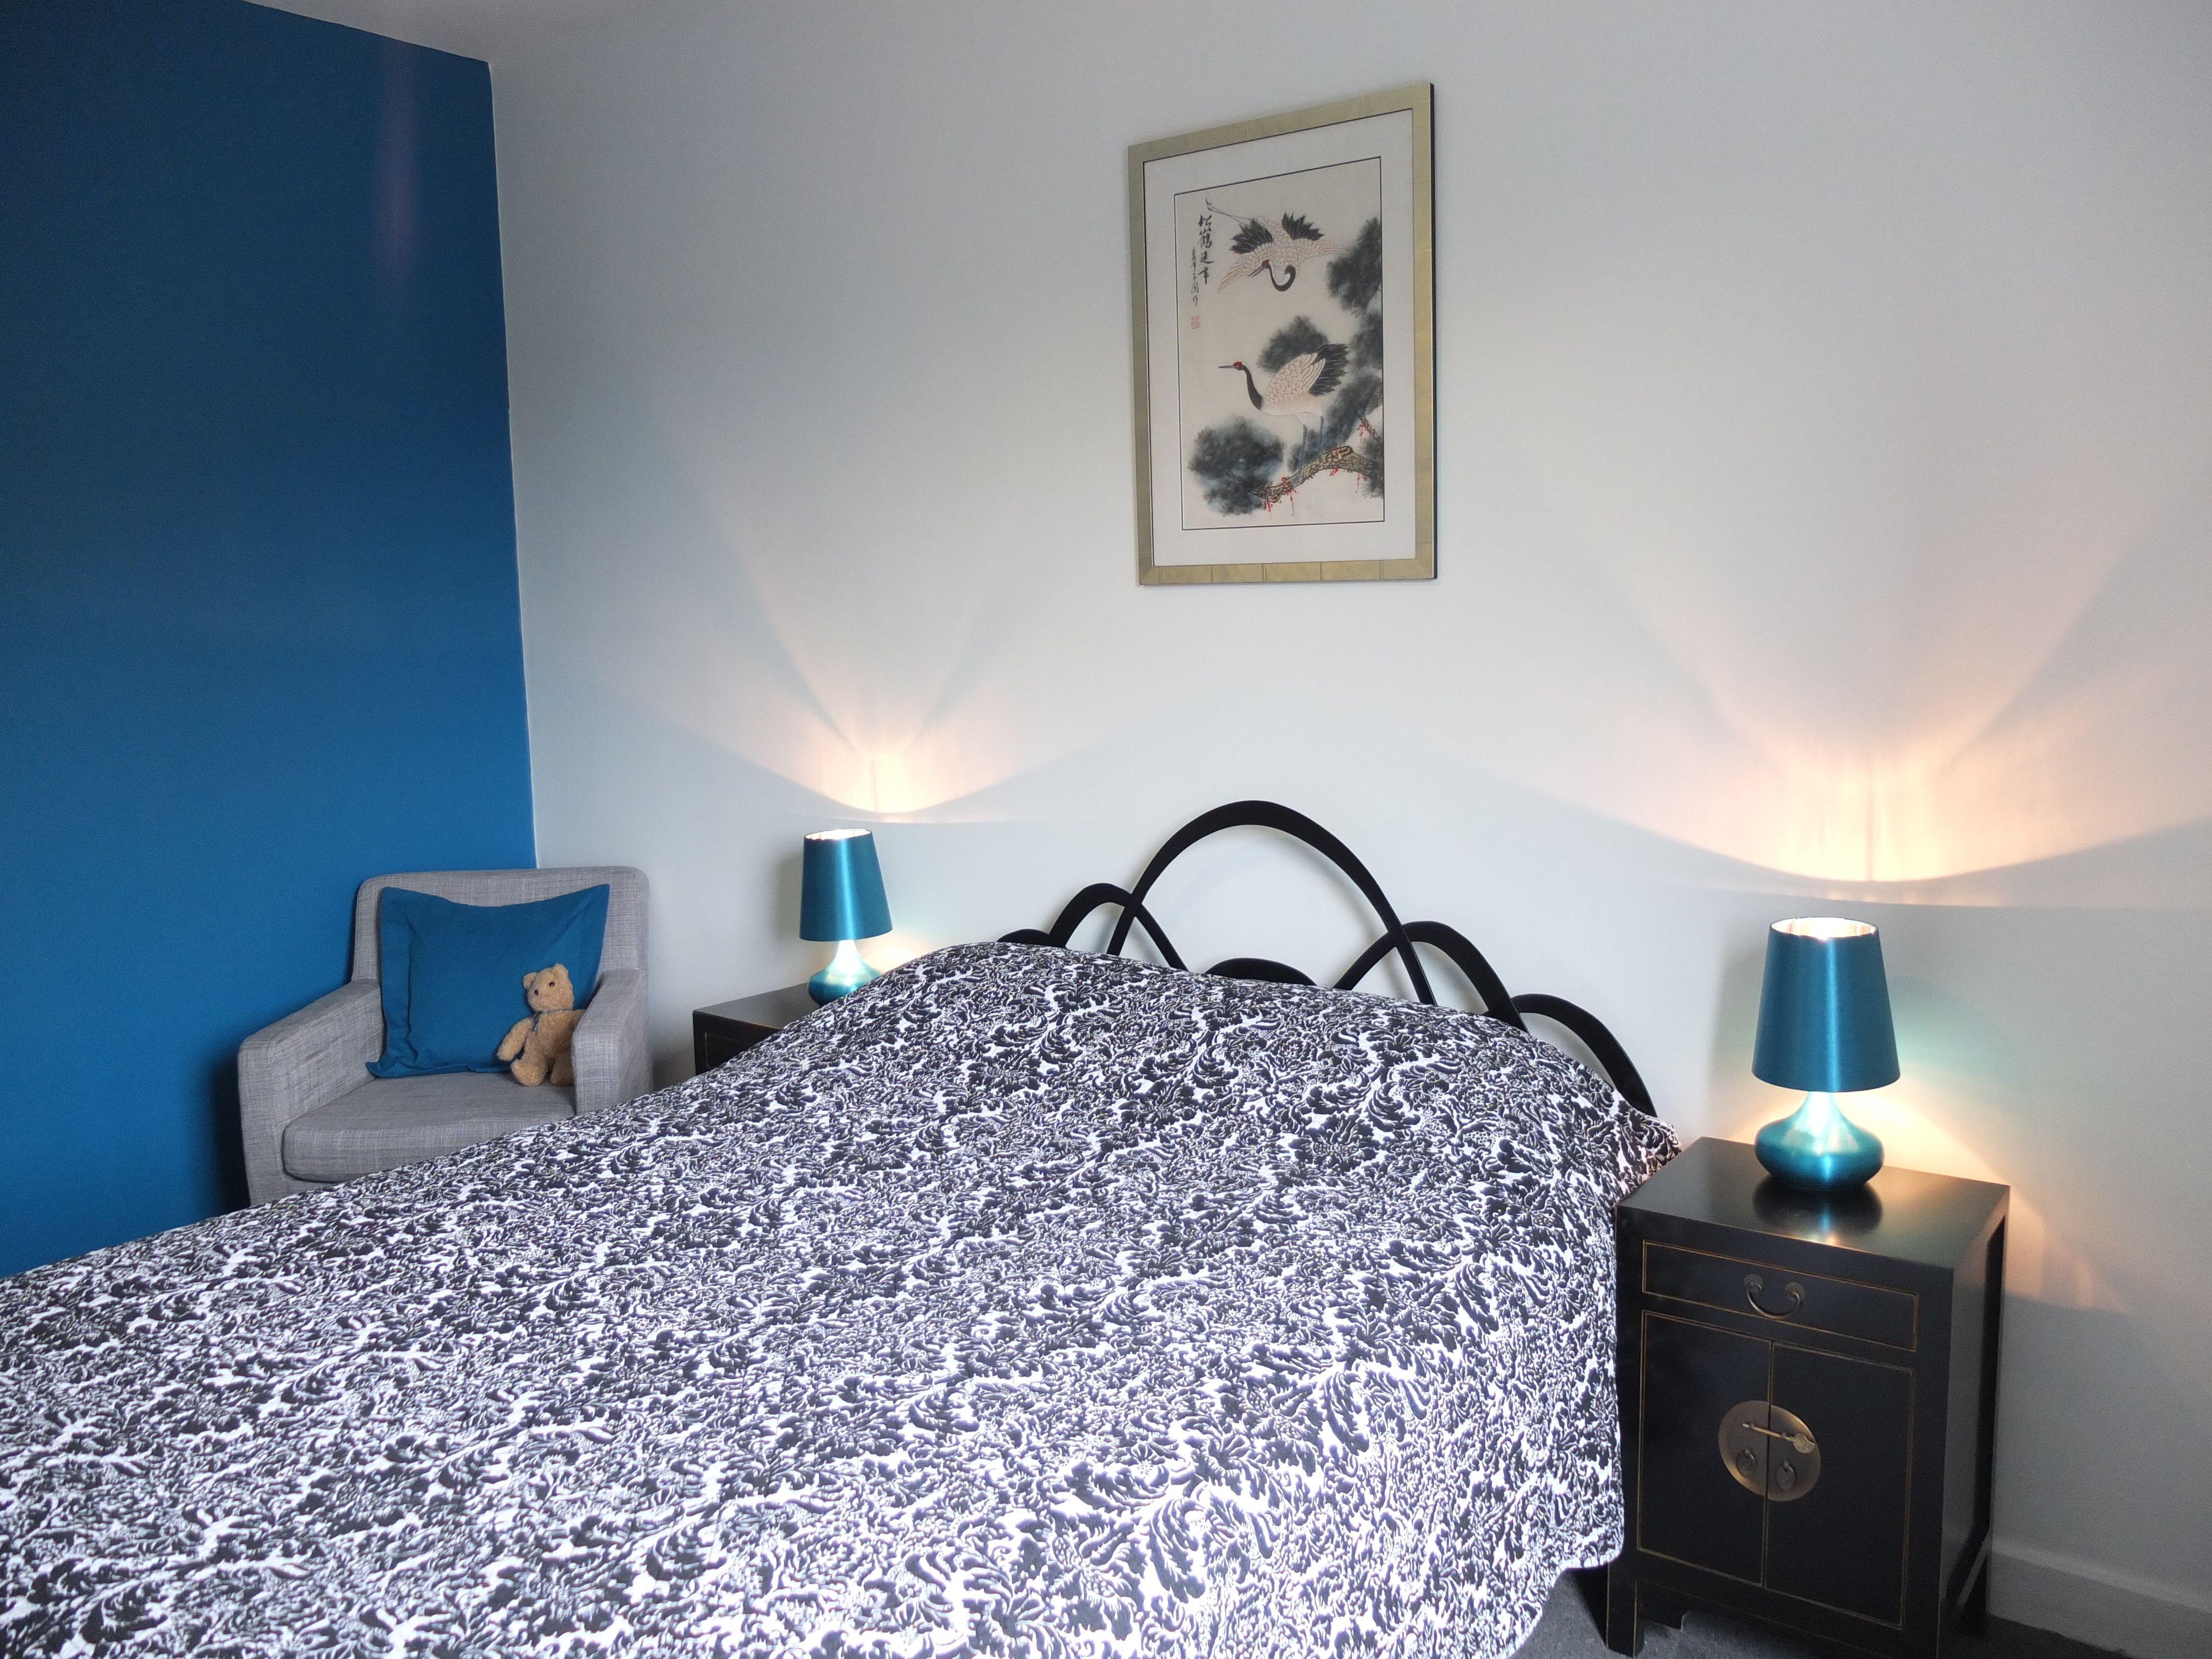 Black White & Teal Bedroom Bedroom decoration